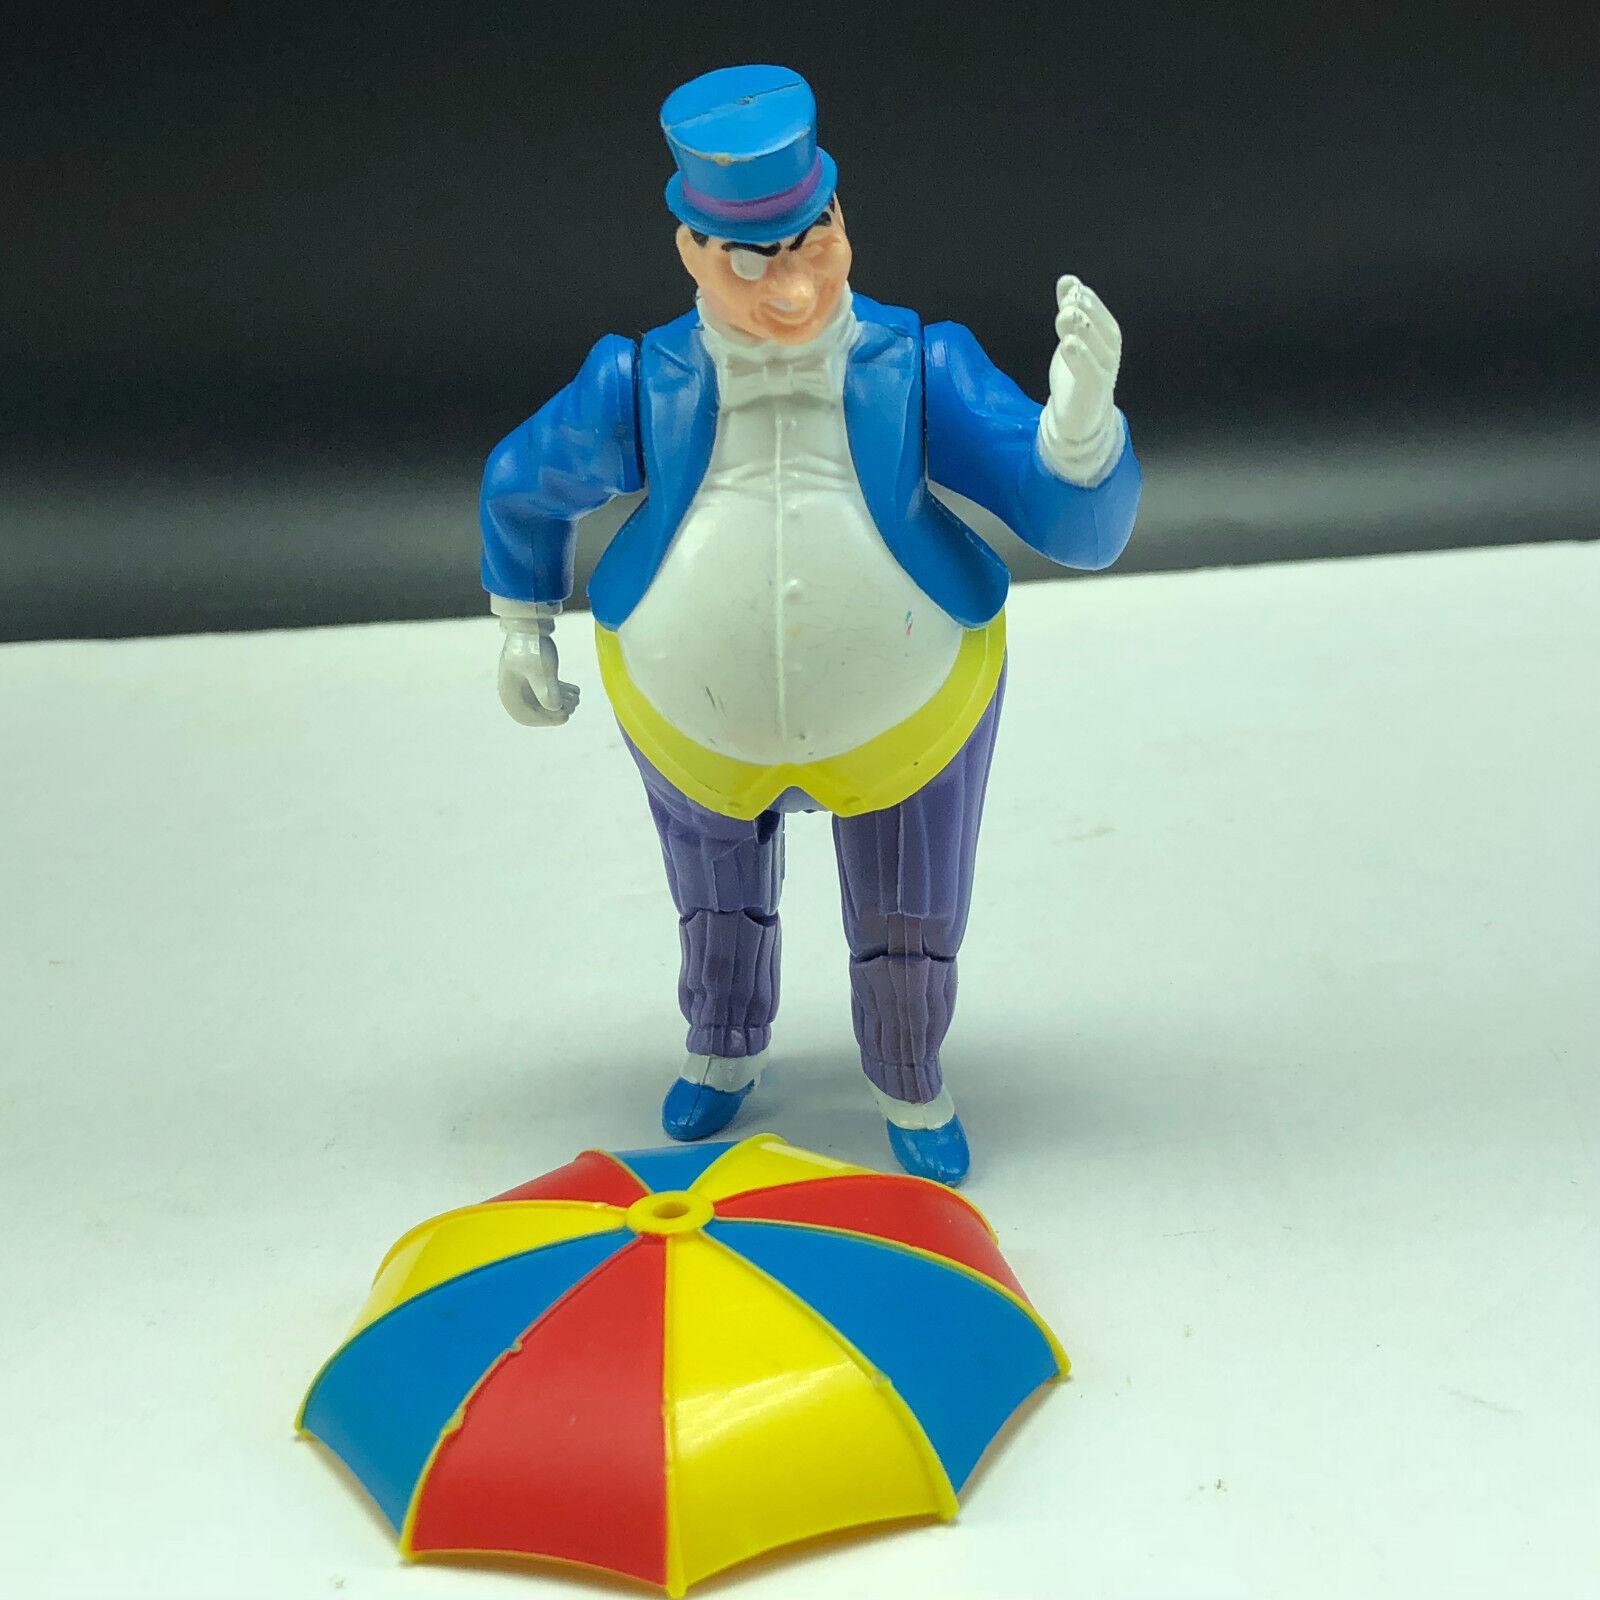 1984 SUPER POWERS ACTION FIGURE kenner justice league league league dc comics Penguin umbrella 18c8ff